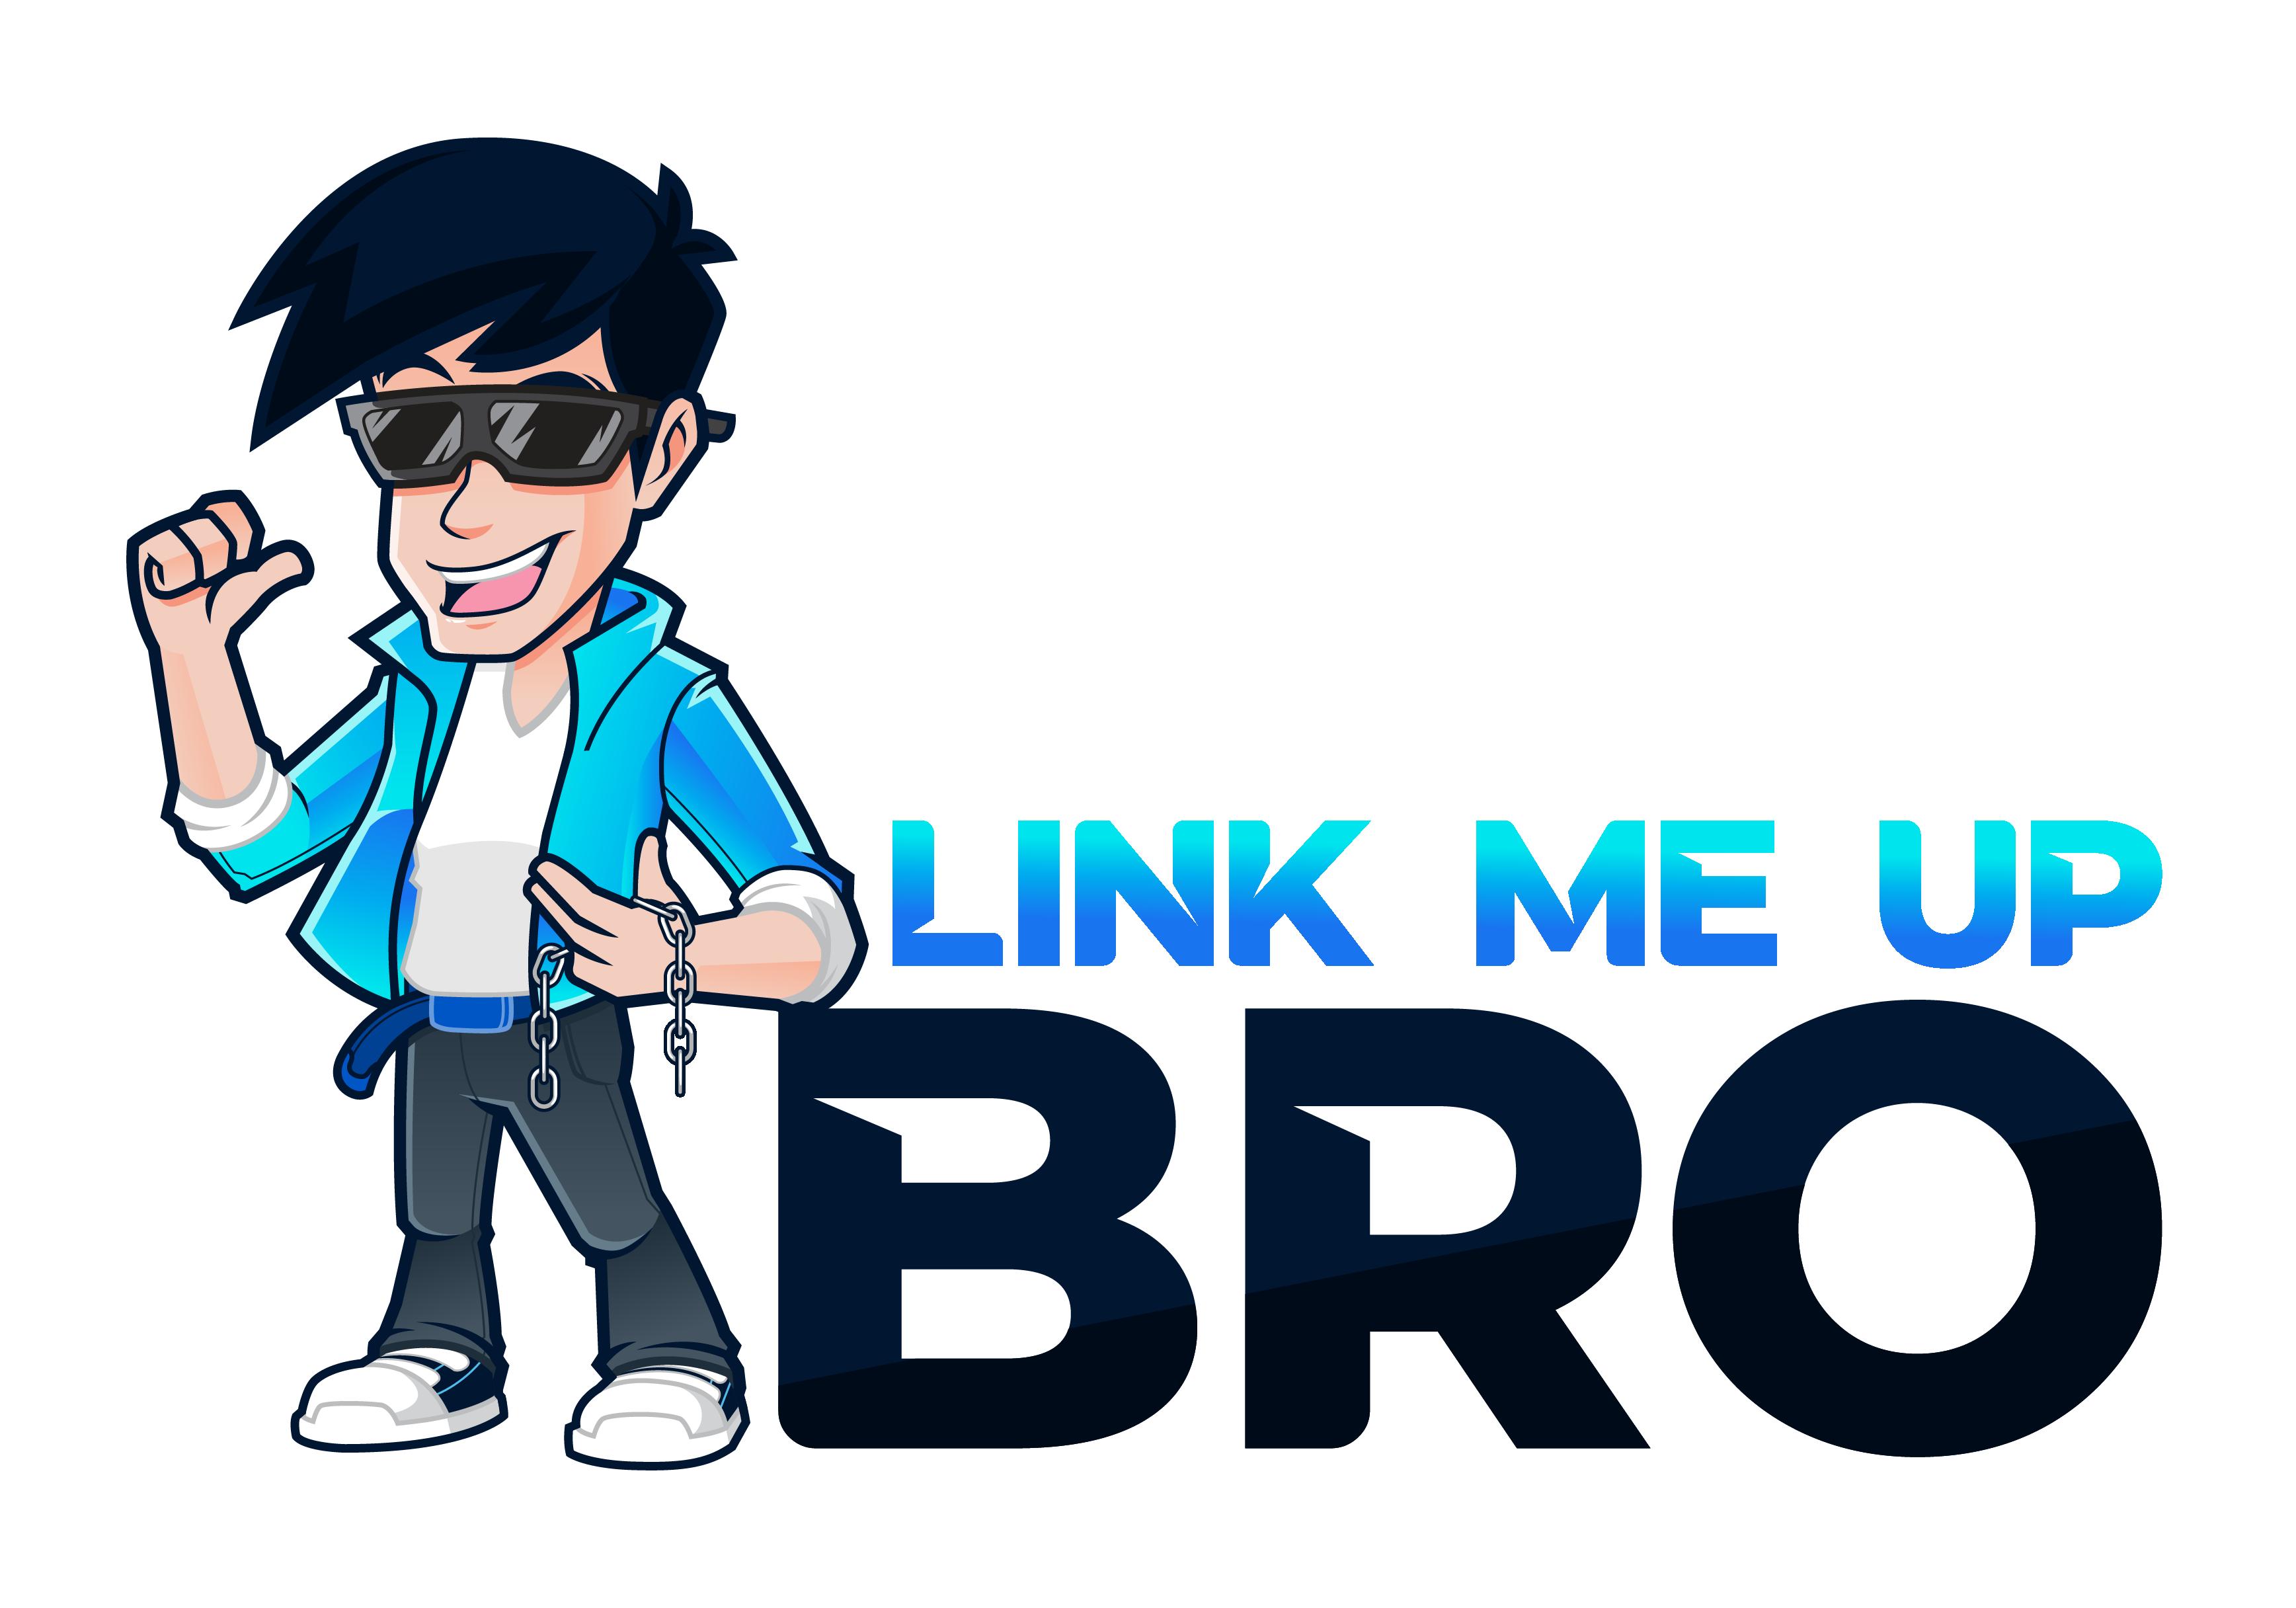 Link Me Up Bro